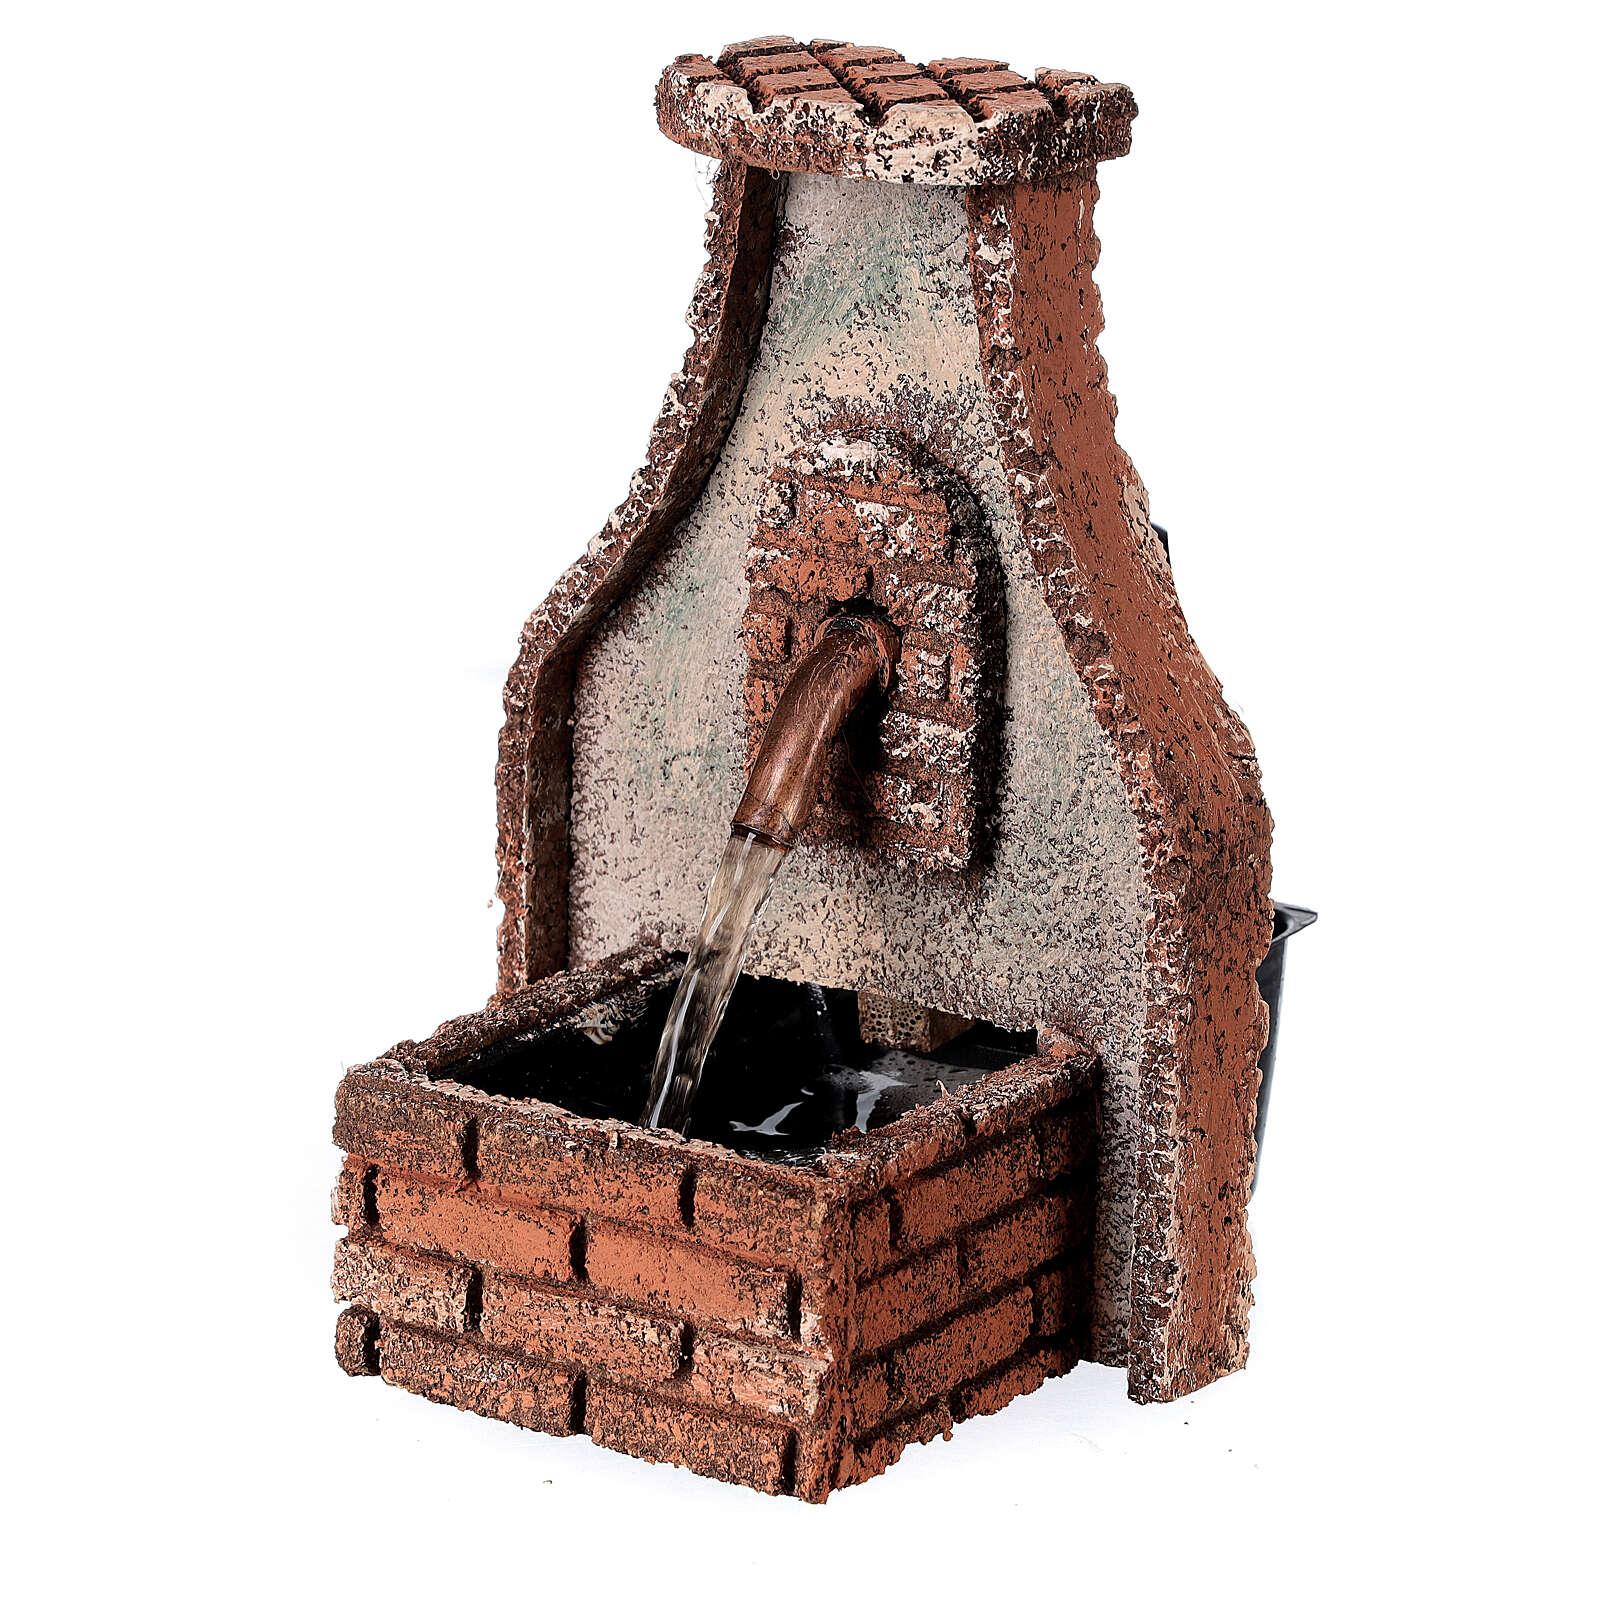 Fountain with copper tap Neapolitan Nativity Scene 15x10x10 cm for 8-10 cm figurines 4